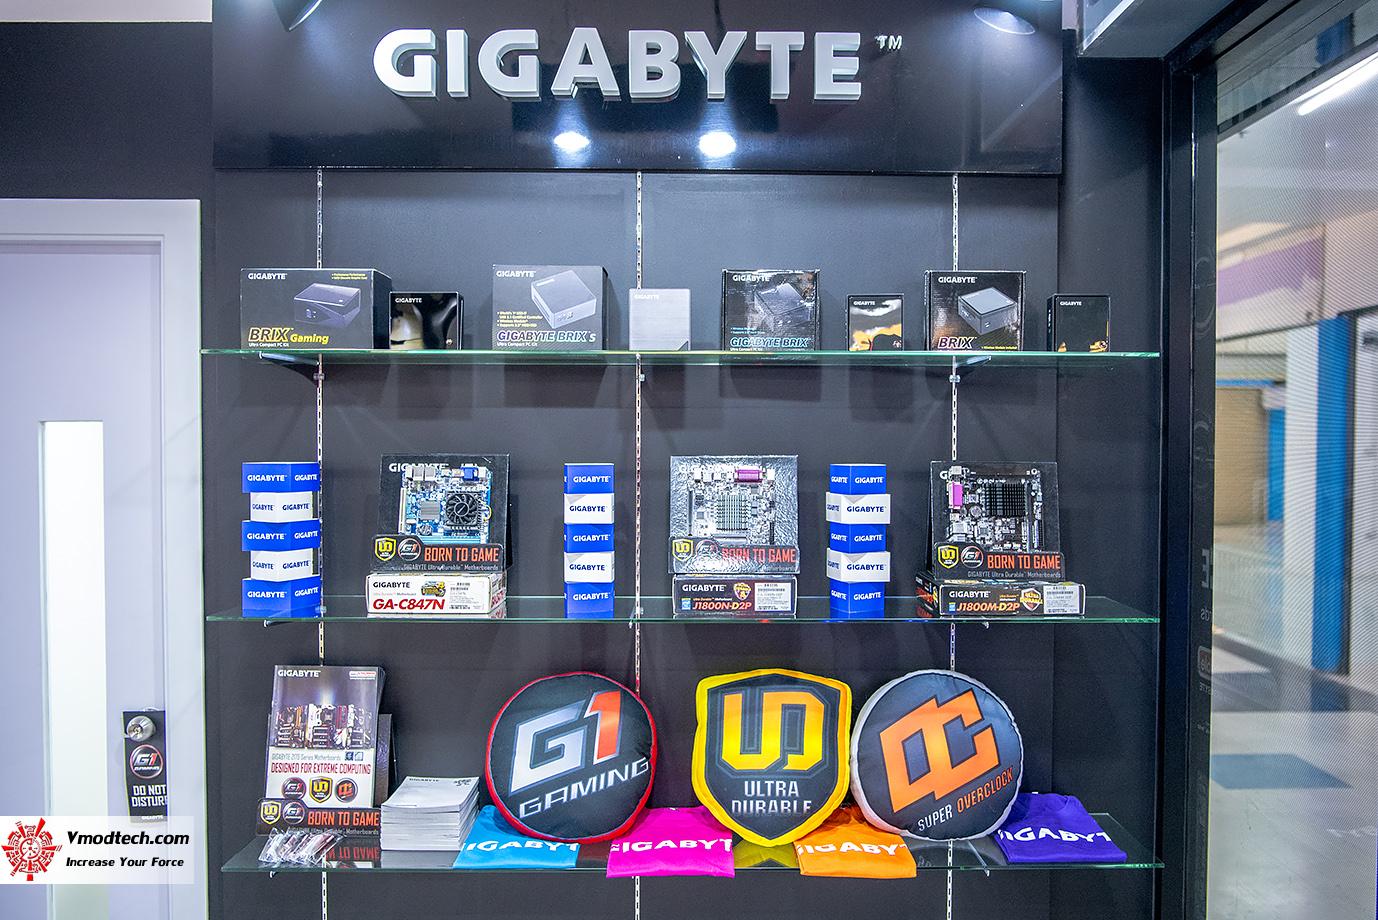 dsc 7655 ภาพบรรยากาศงานเปิดตัว GIGABYTE SHOWROOM อย่างเป็นทางการที่ชั้น 4 ห้าง PALLADIUM IT PRATUNAM